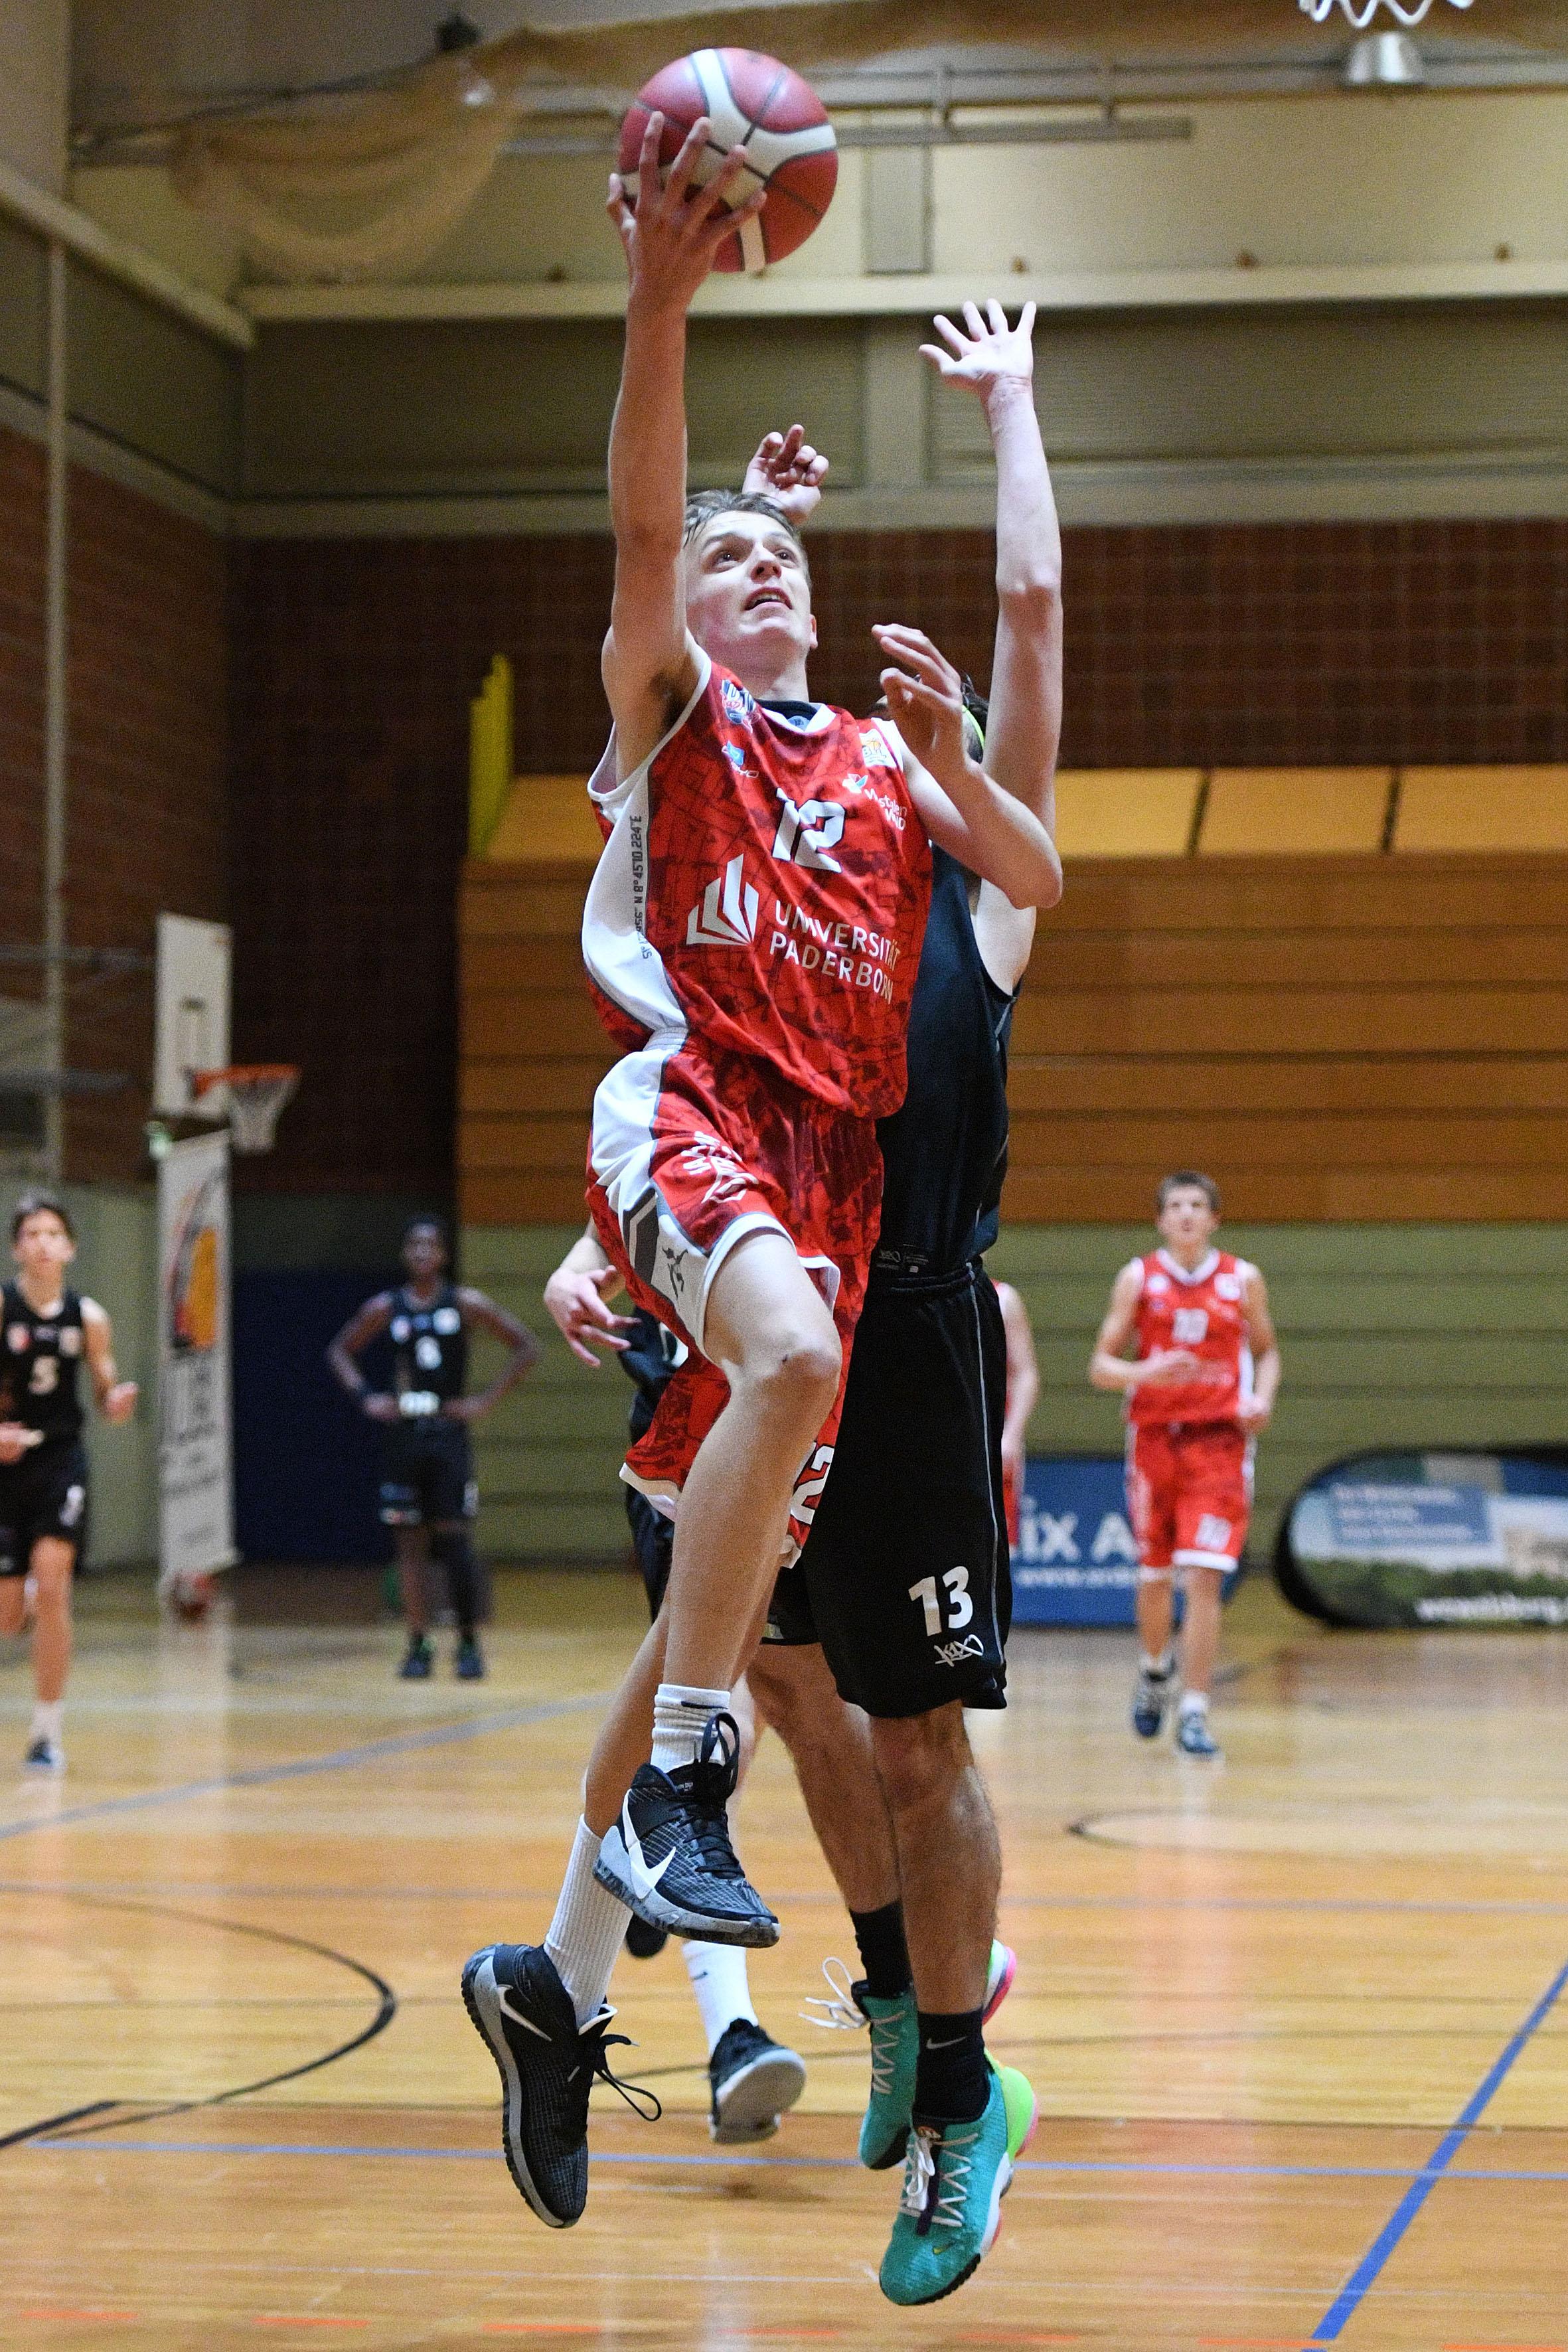 2020-10-11-JBBL-Uni-Baskets-Paderborn-ART-Giants-Duesseldorf_7839